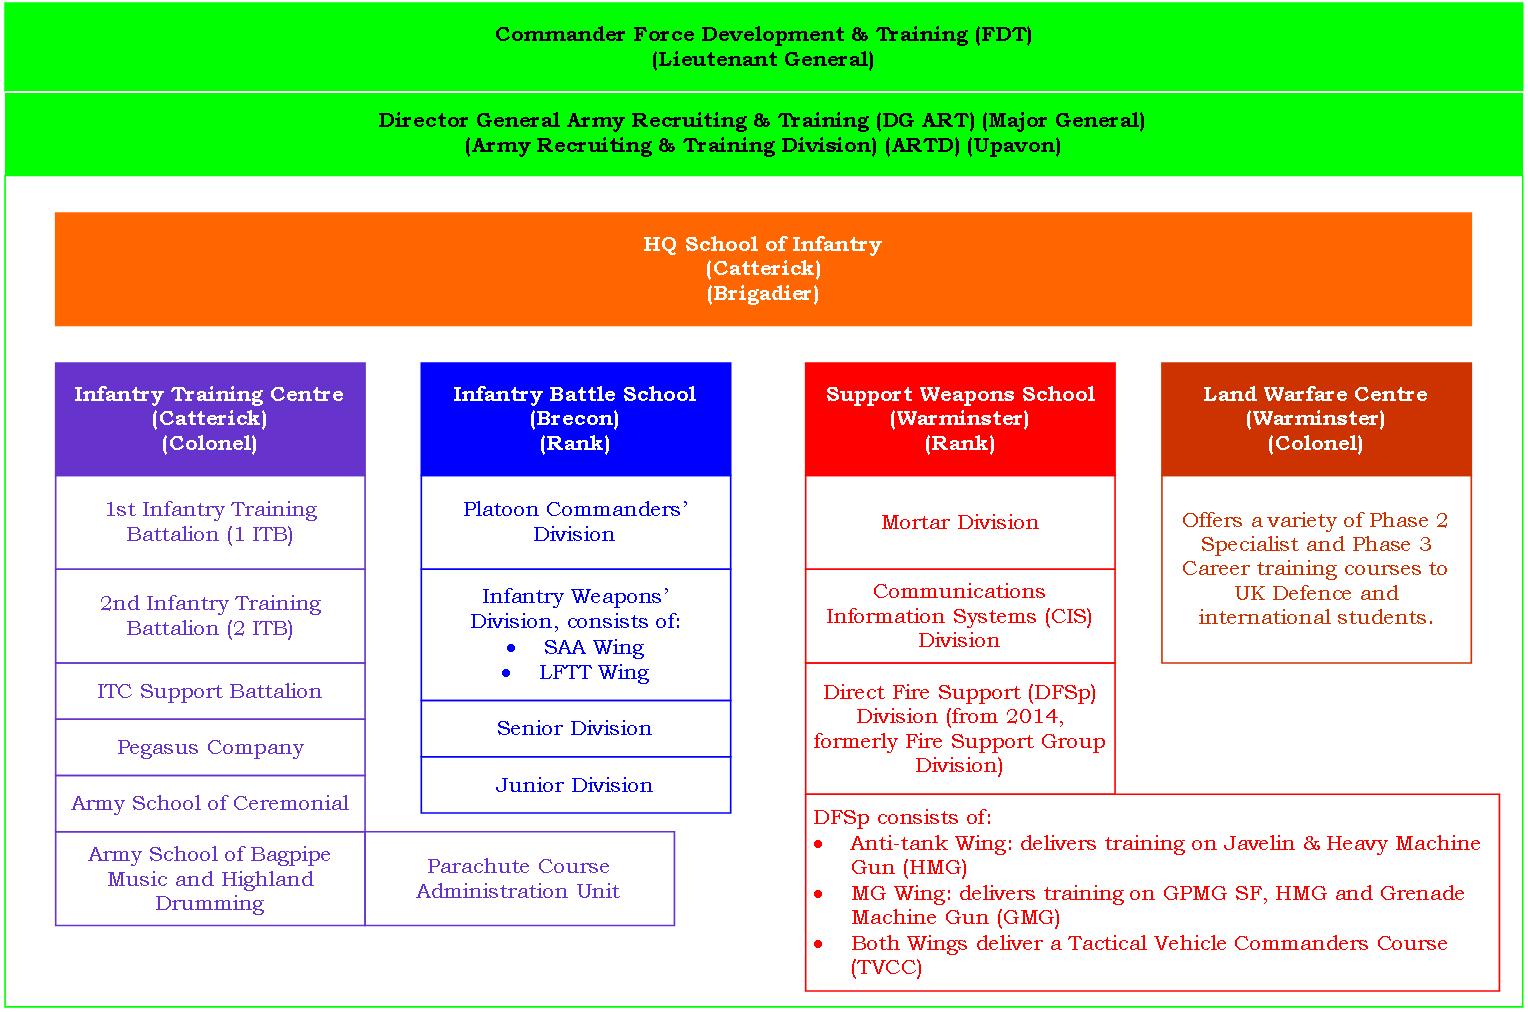 00,10,01b - Figure 1